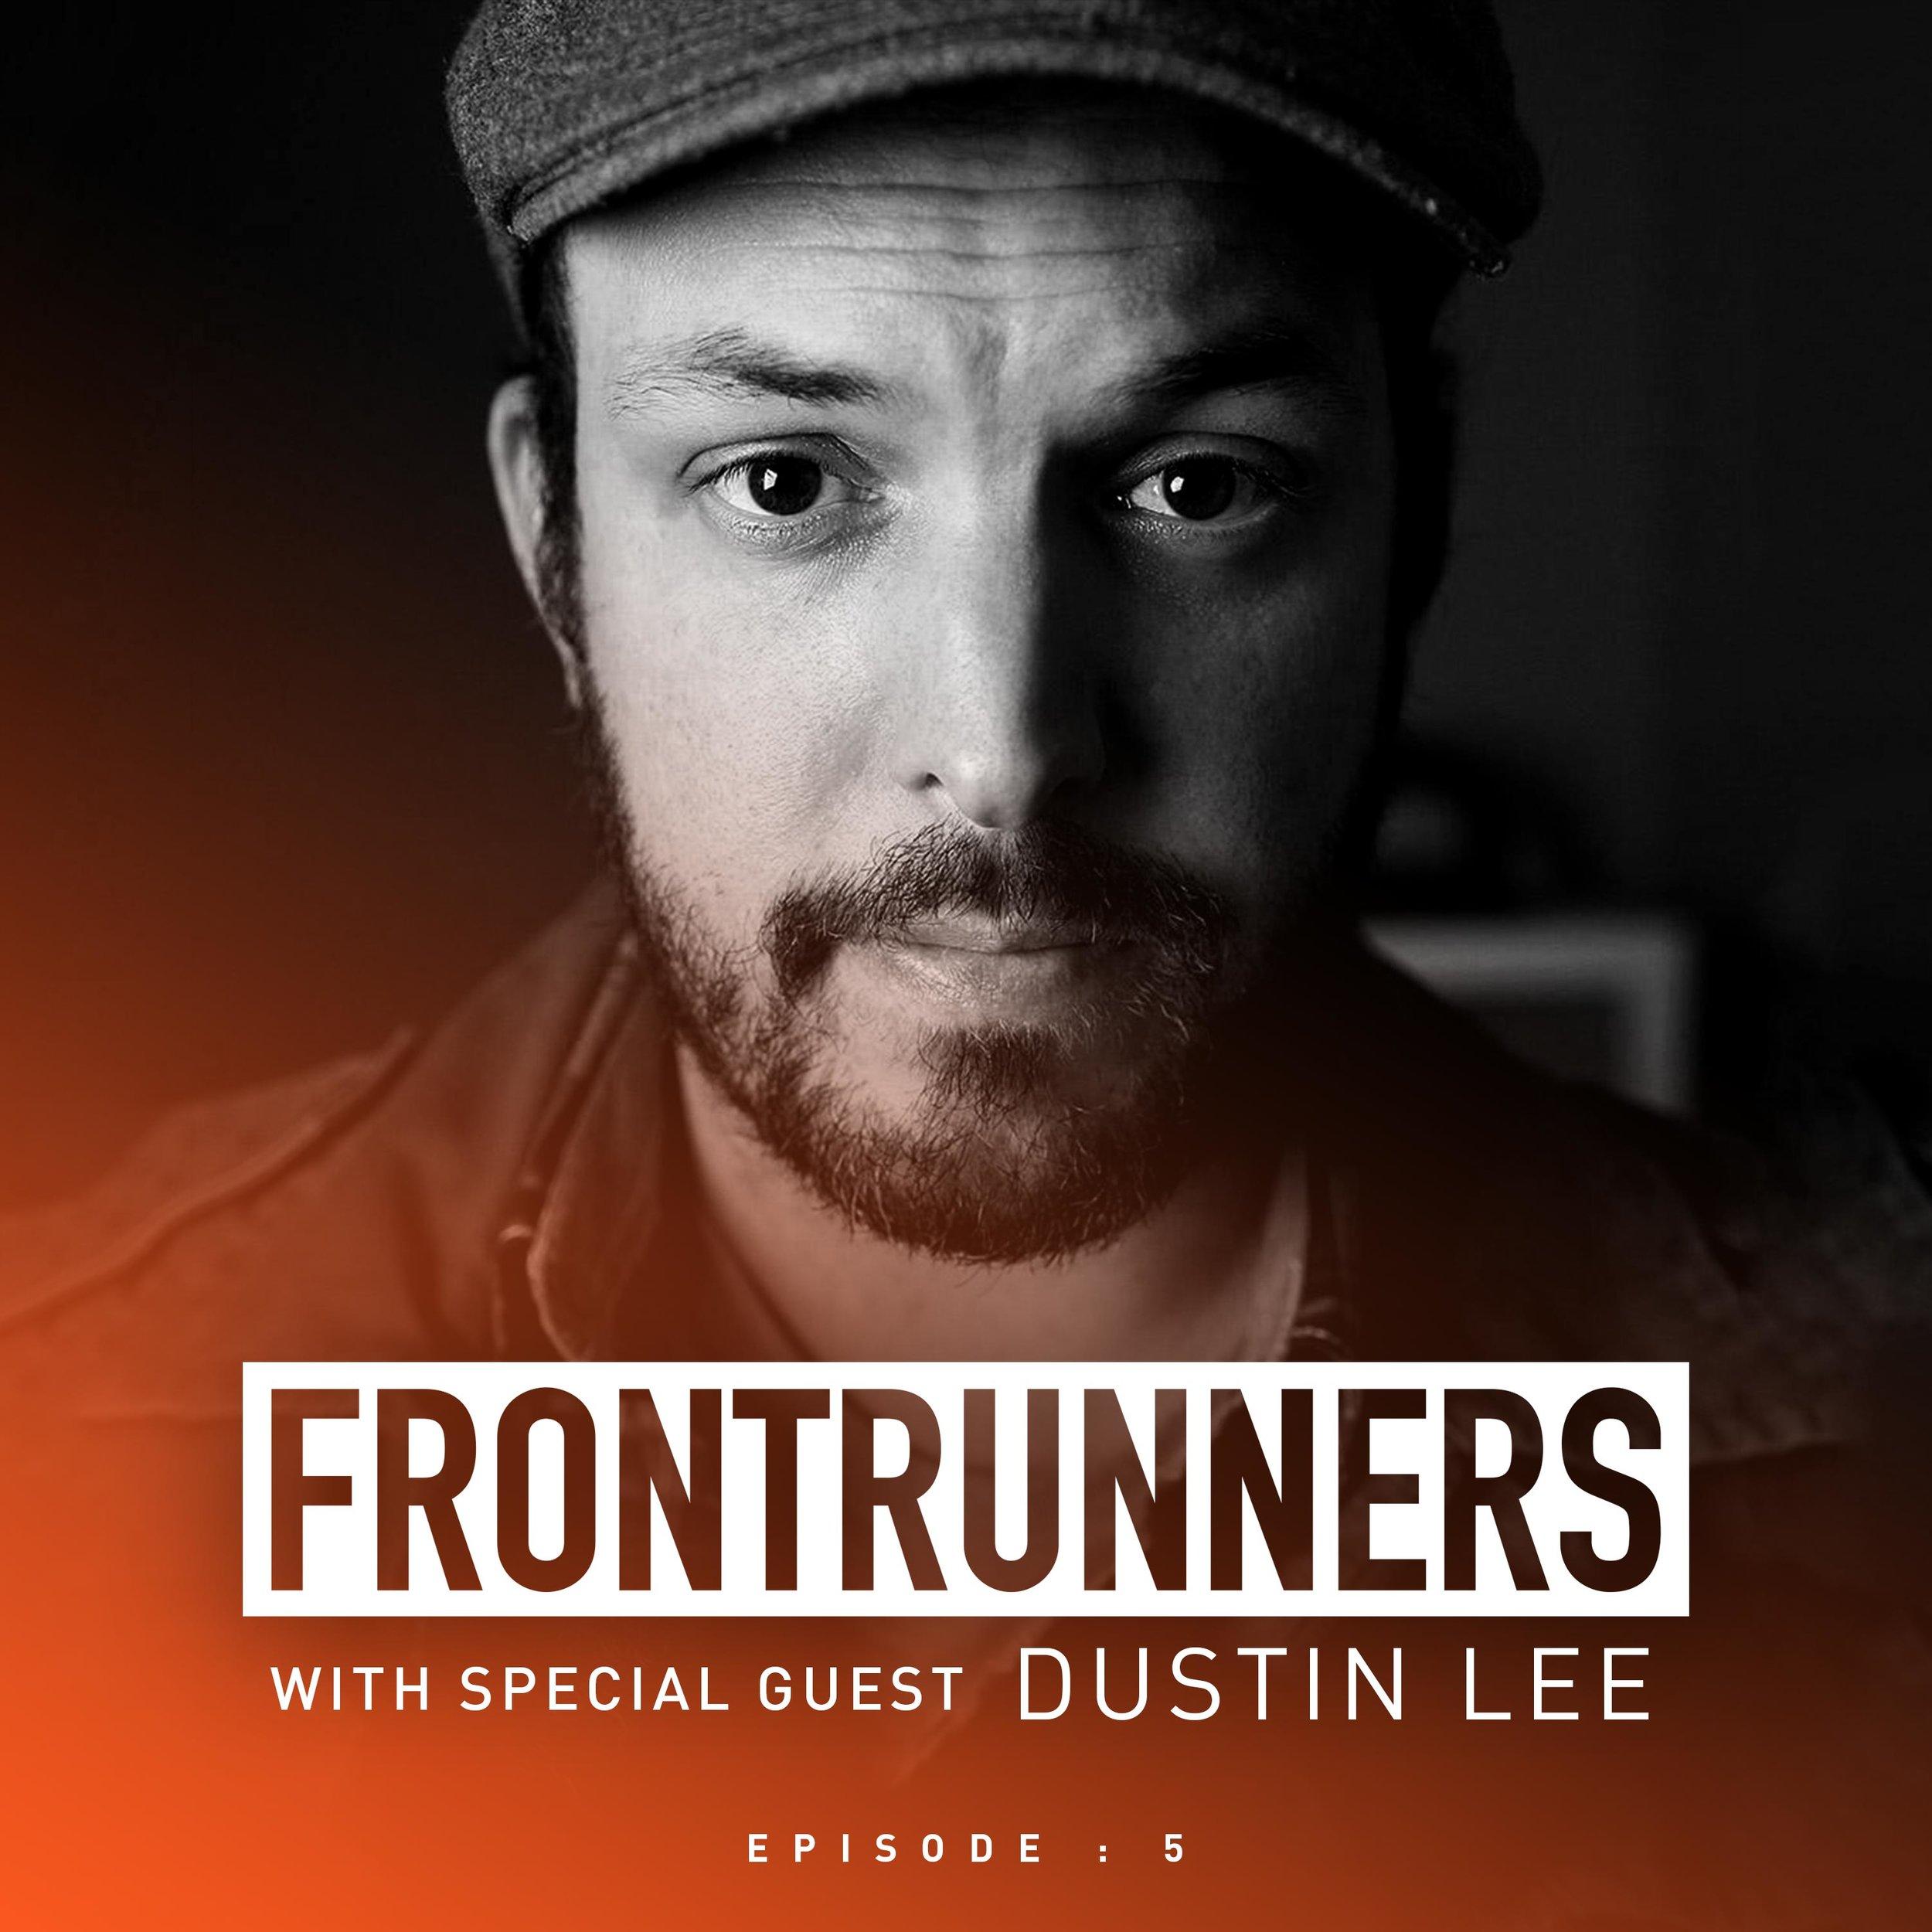 Frontrunners-Podcast-Social-Promo-Dustin-Lee.jpg